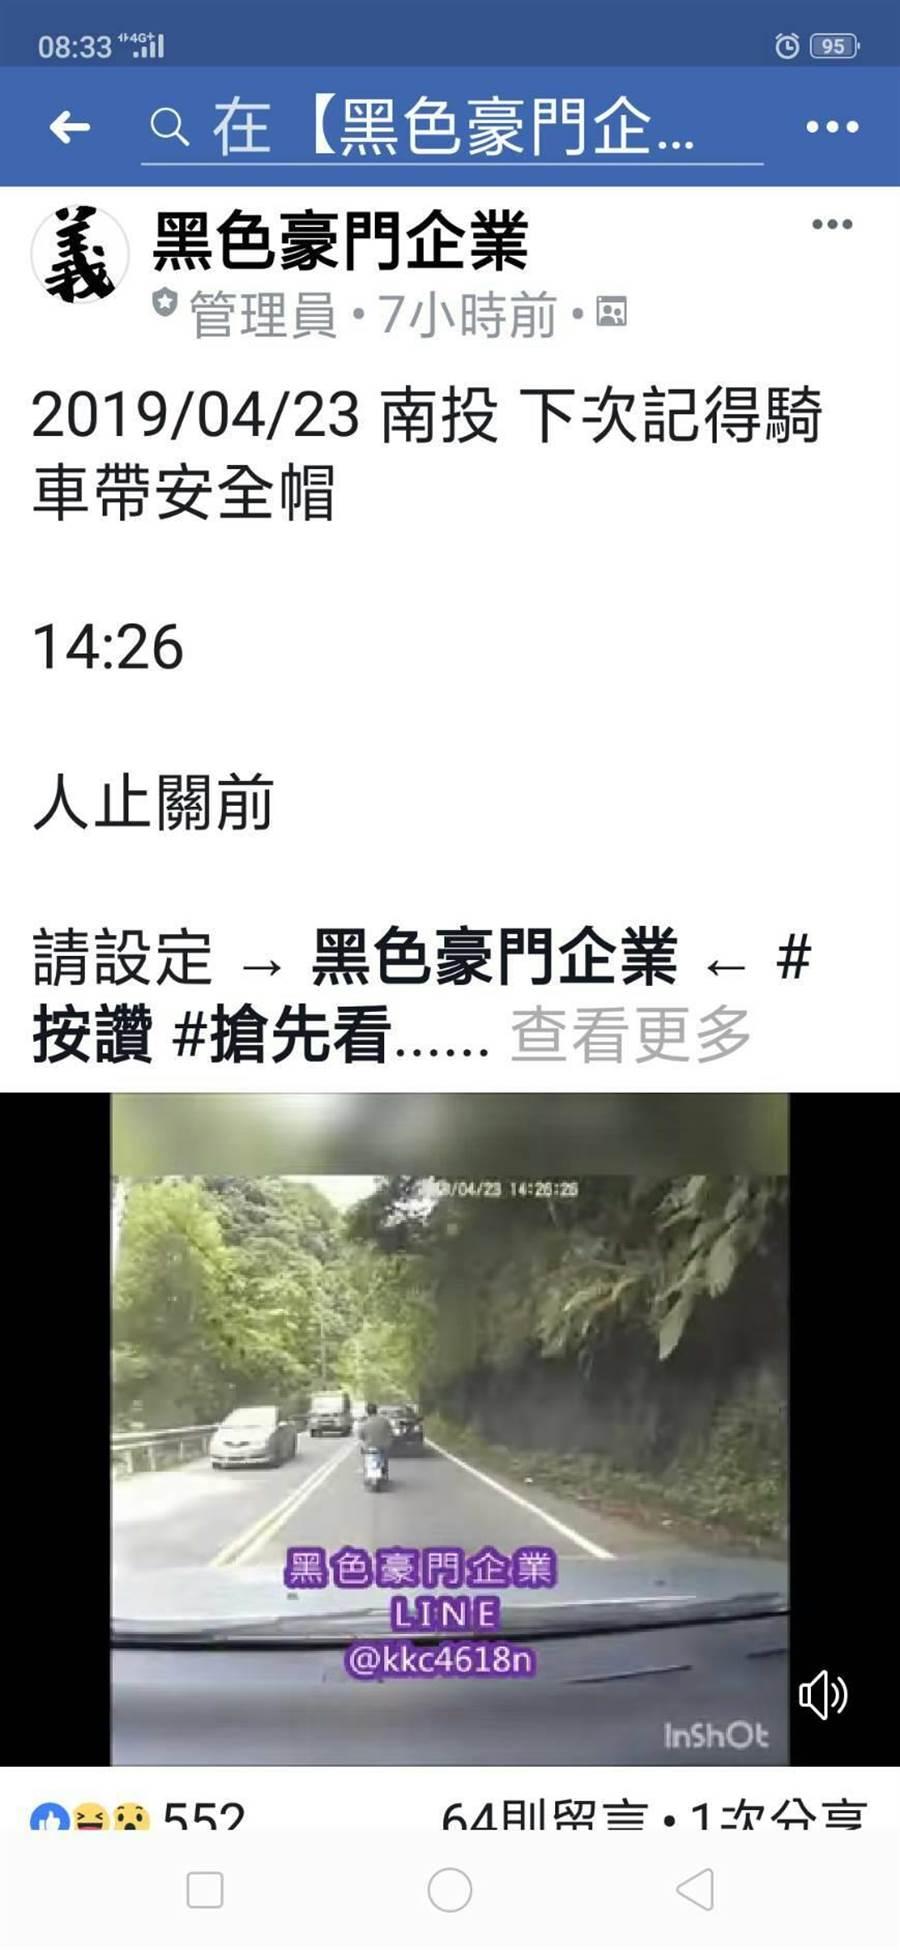 機車騎士顧著與朋友聊天,未注意到明隧道裡有彎道,不慎撞上隧道壁而送醫。(圖/仁愛警分局提供)